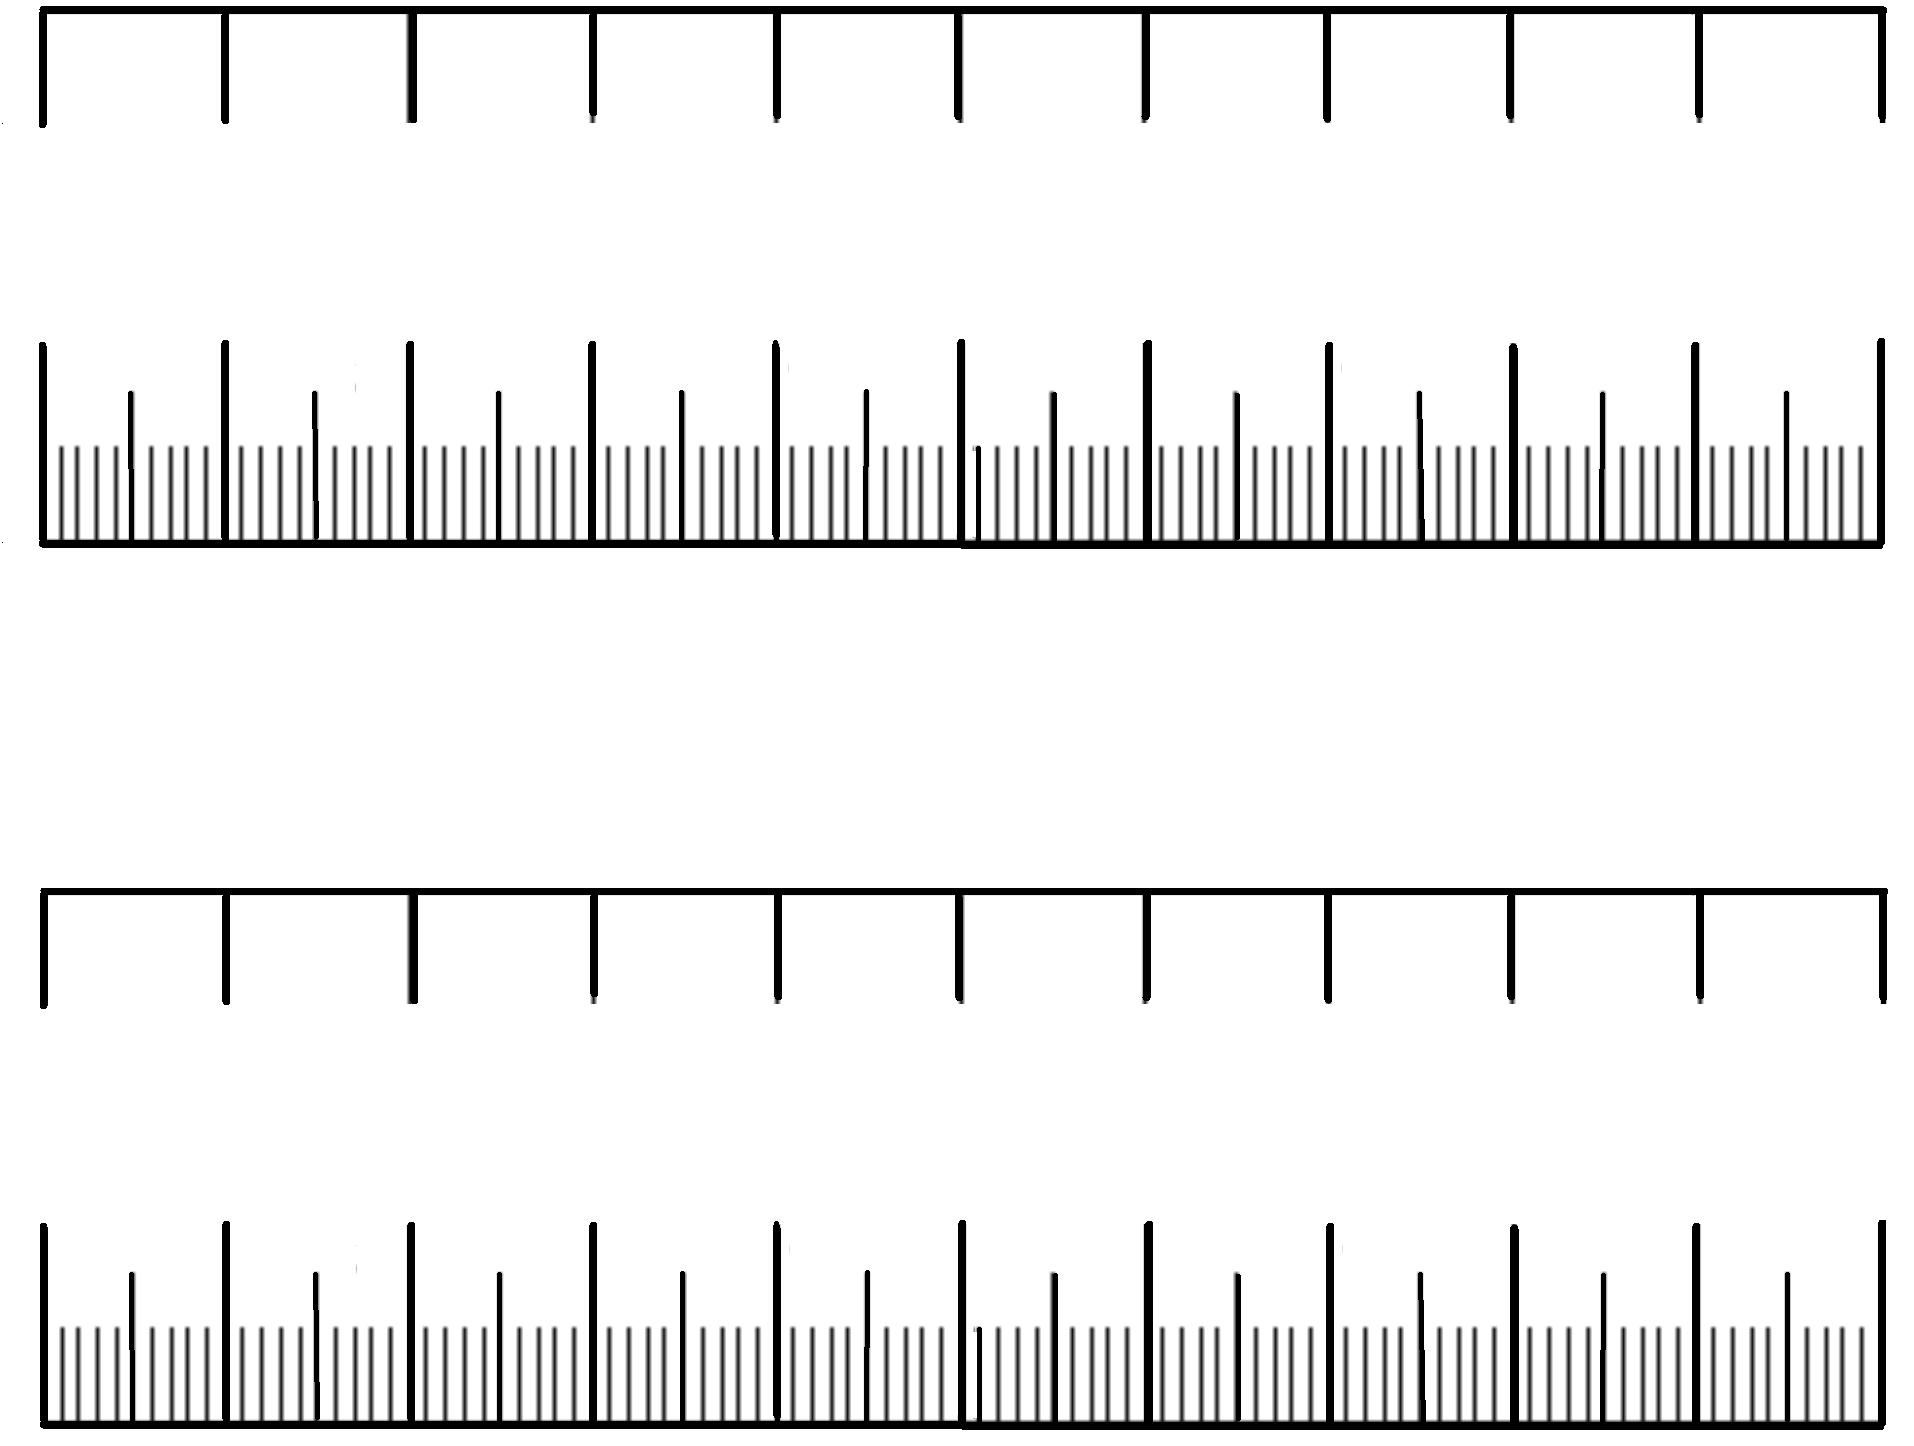 Blank Decimal Number Lines